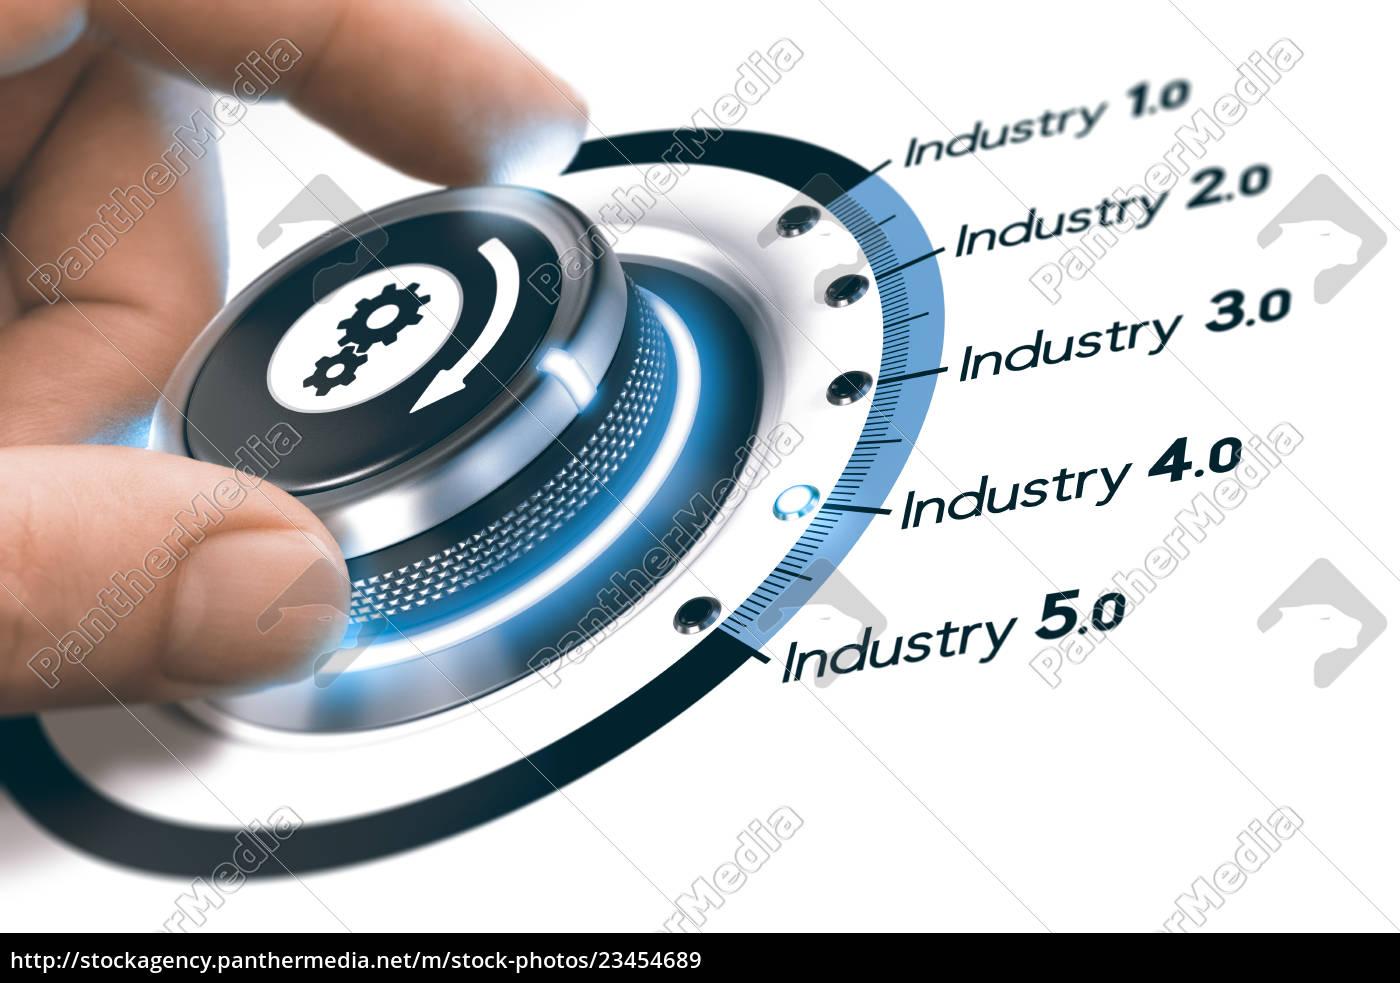 industry, 4.0, , next, industrial, revolution - 23454689